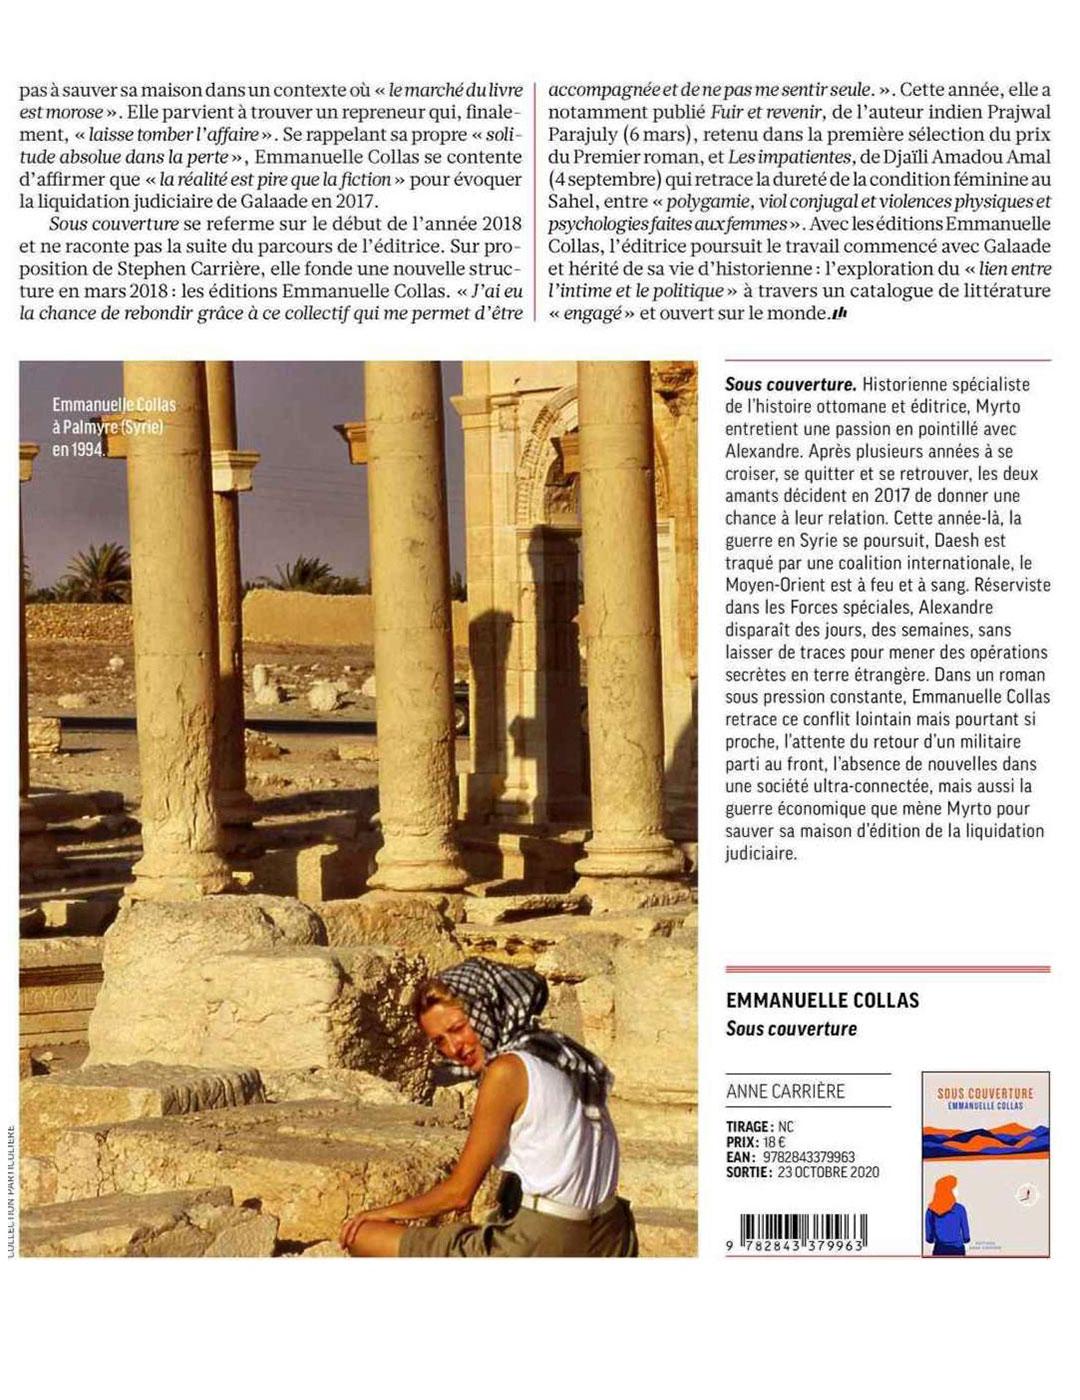 LH Le Mag, Emmanuelle Collas, 10.2020